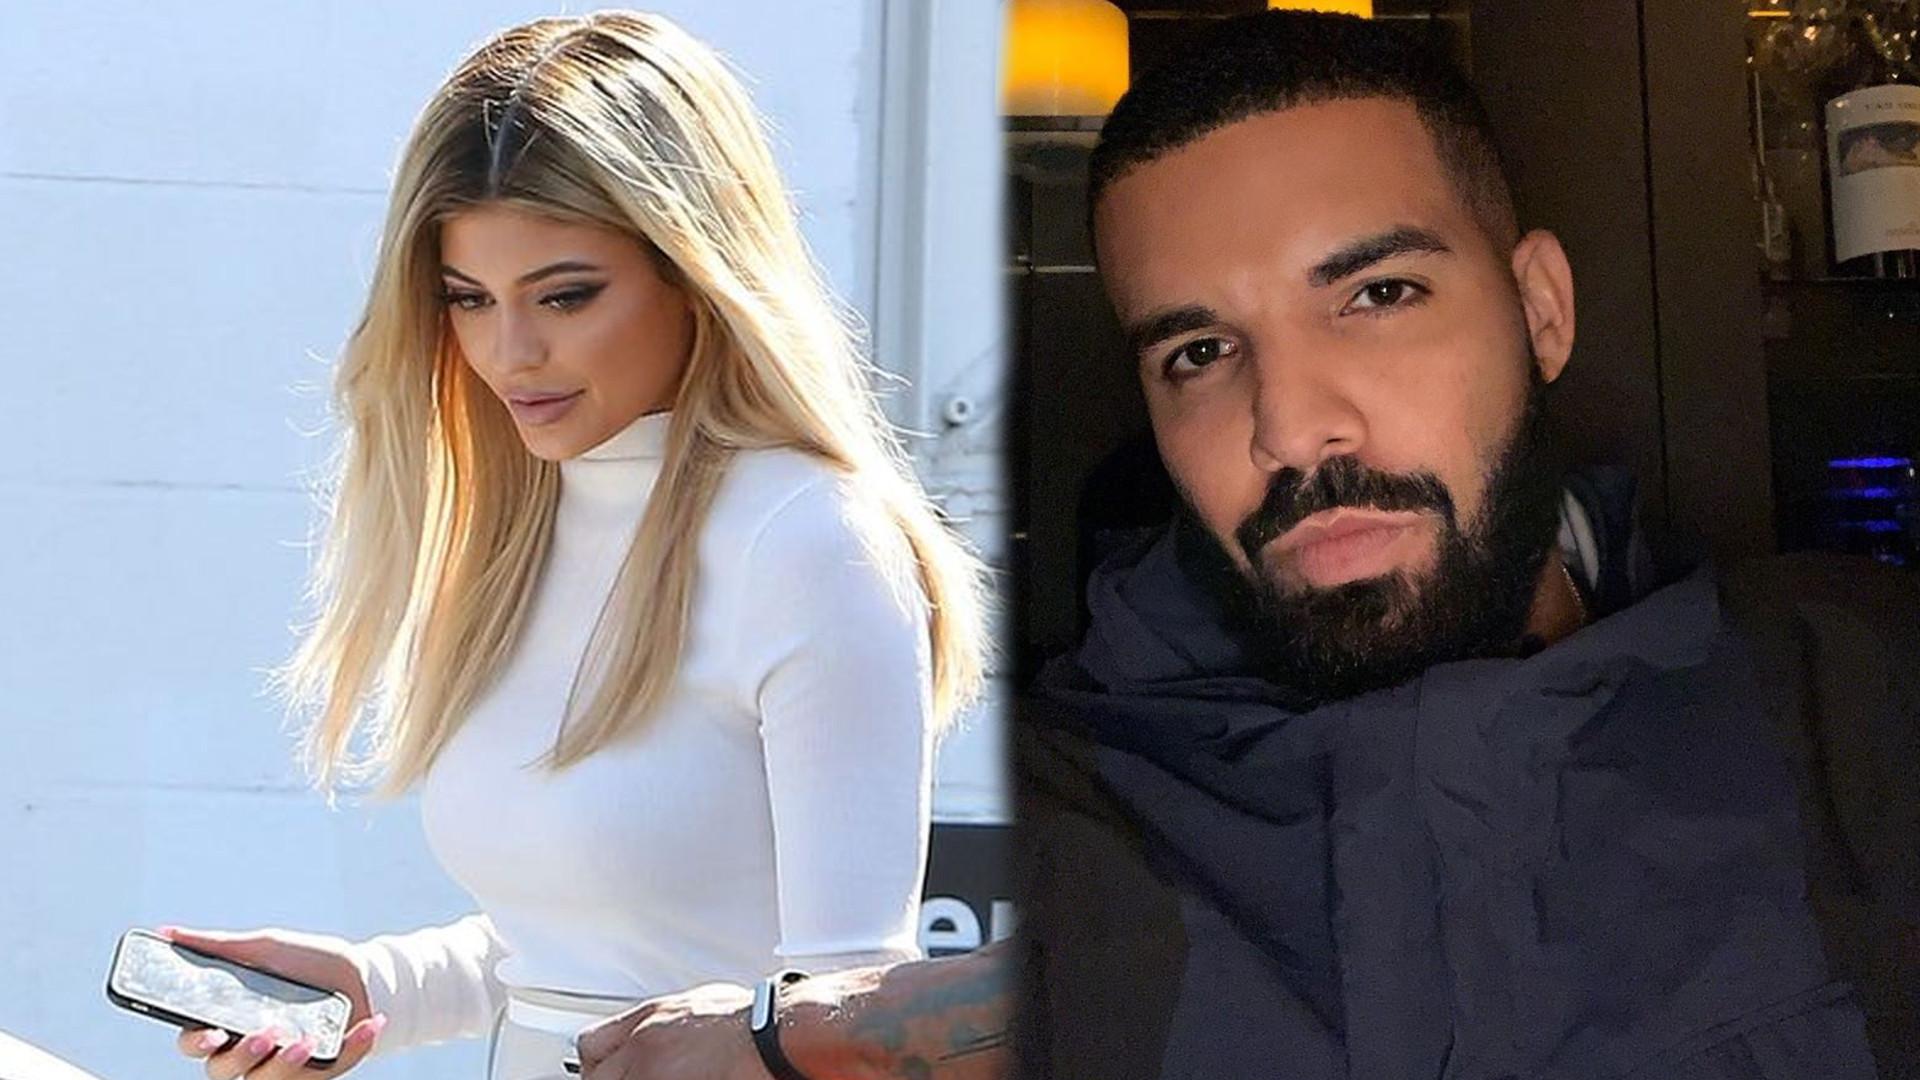 Kylie Jenner romansuje z Drake'iem! Co na to Travis Scott?